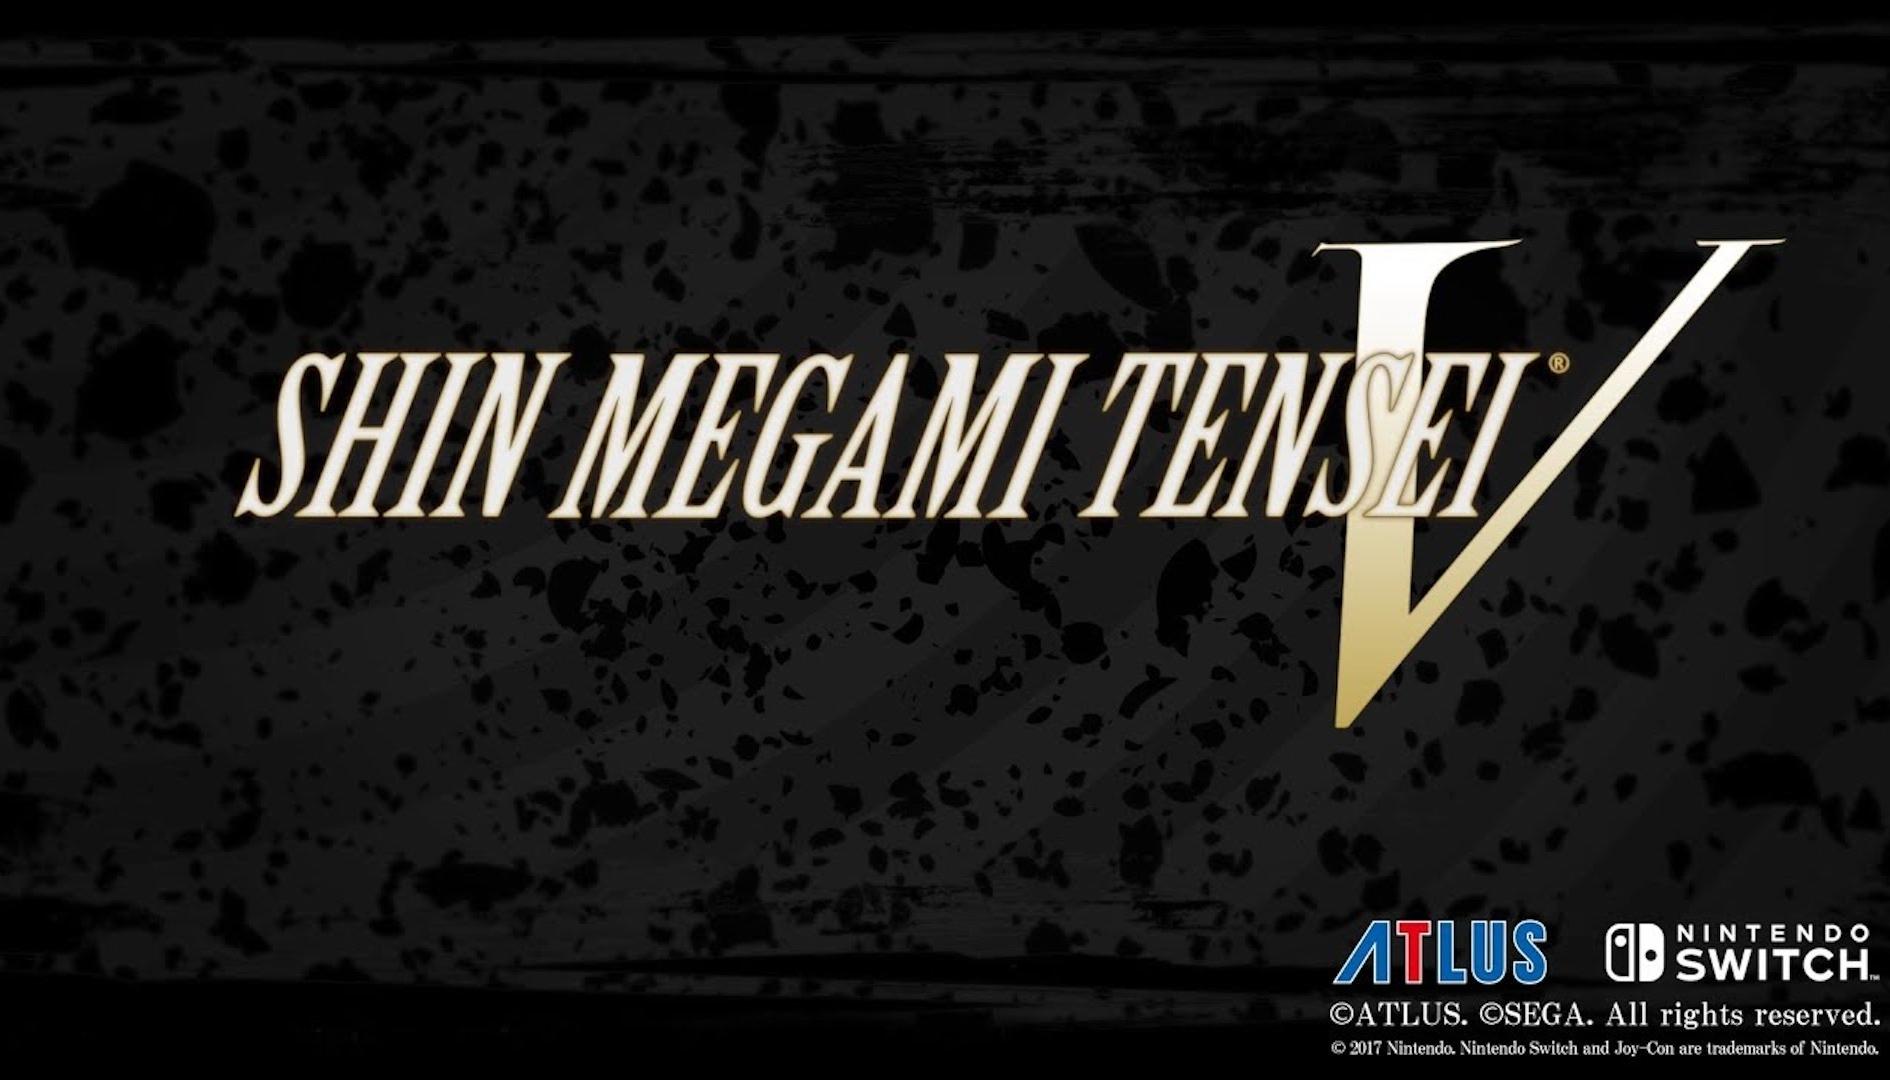 Shin Megami Tensei 5, Atlus conferma che lo sviluppo del gioco prosegue a pieno ritmo